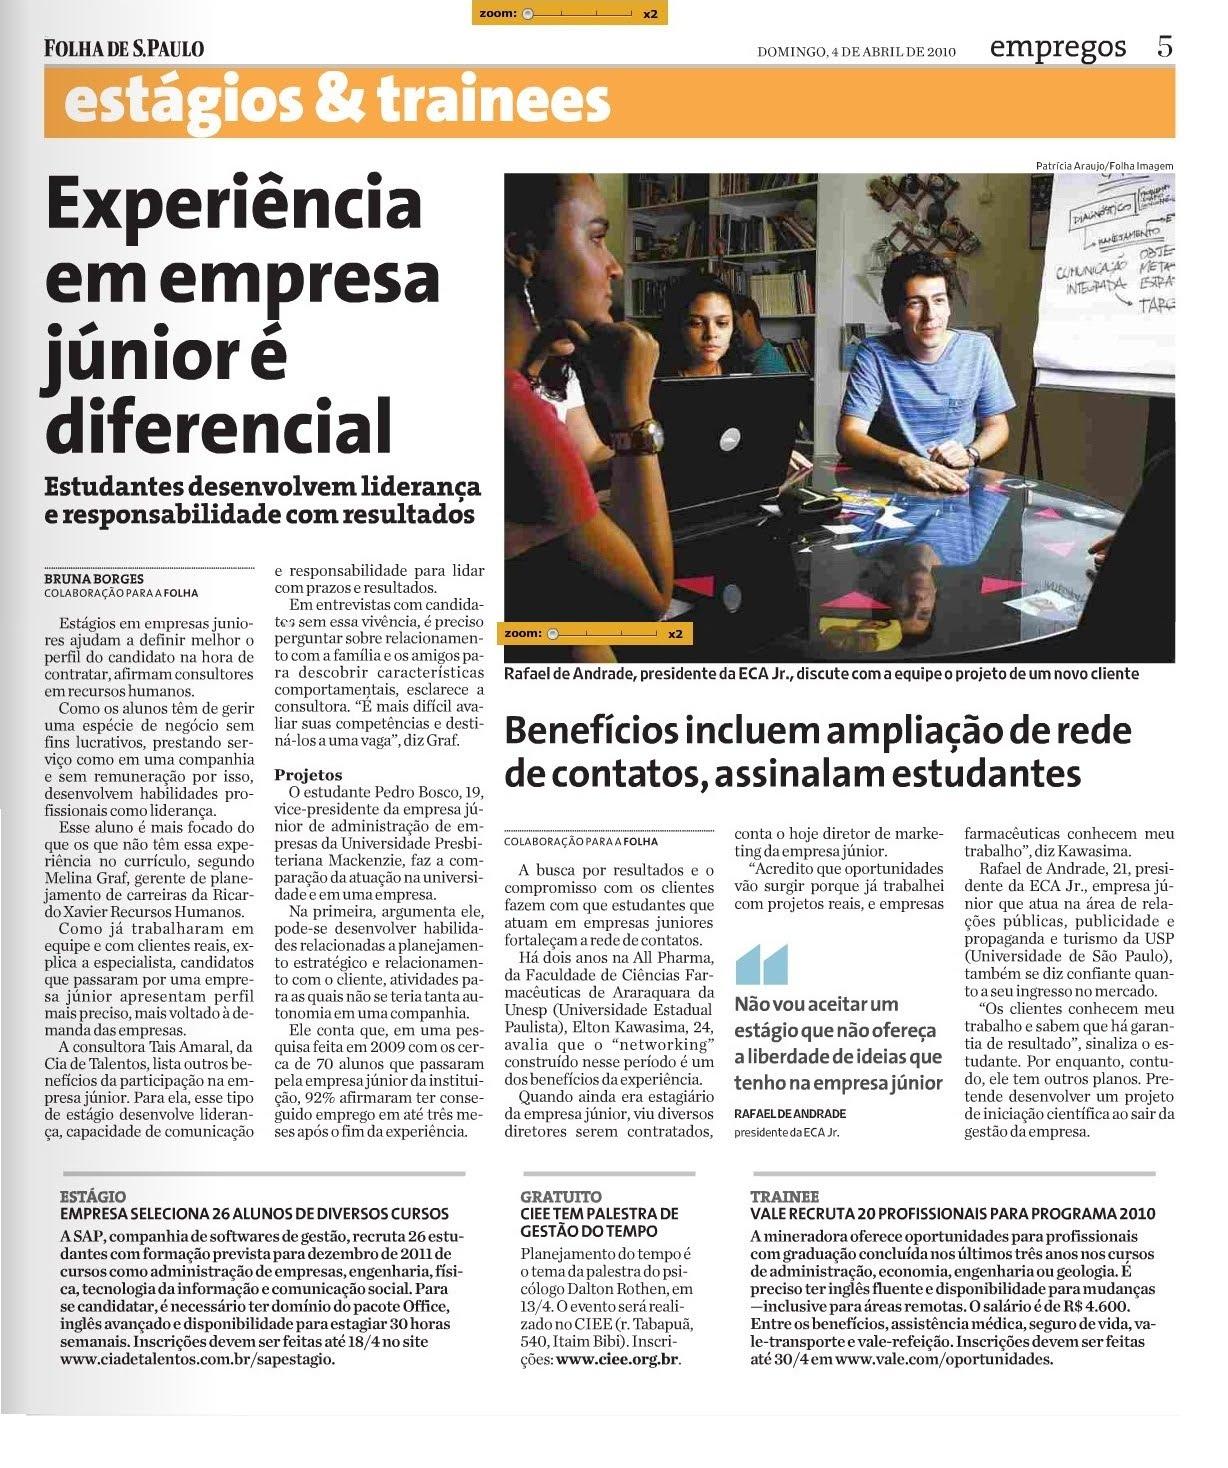 Jornal Folha de São Paulo apresentando os benefícios e importância de graduandos participarem de Empresas Juniores.